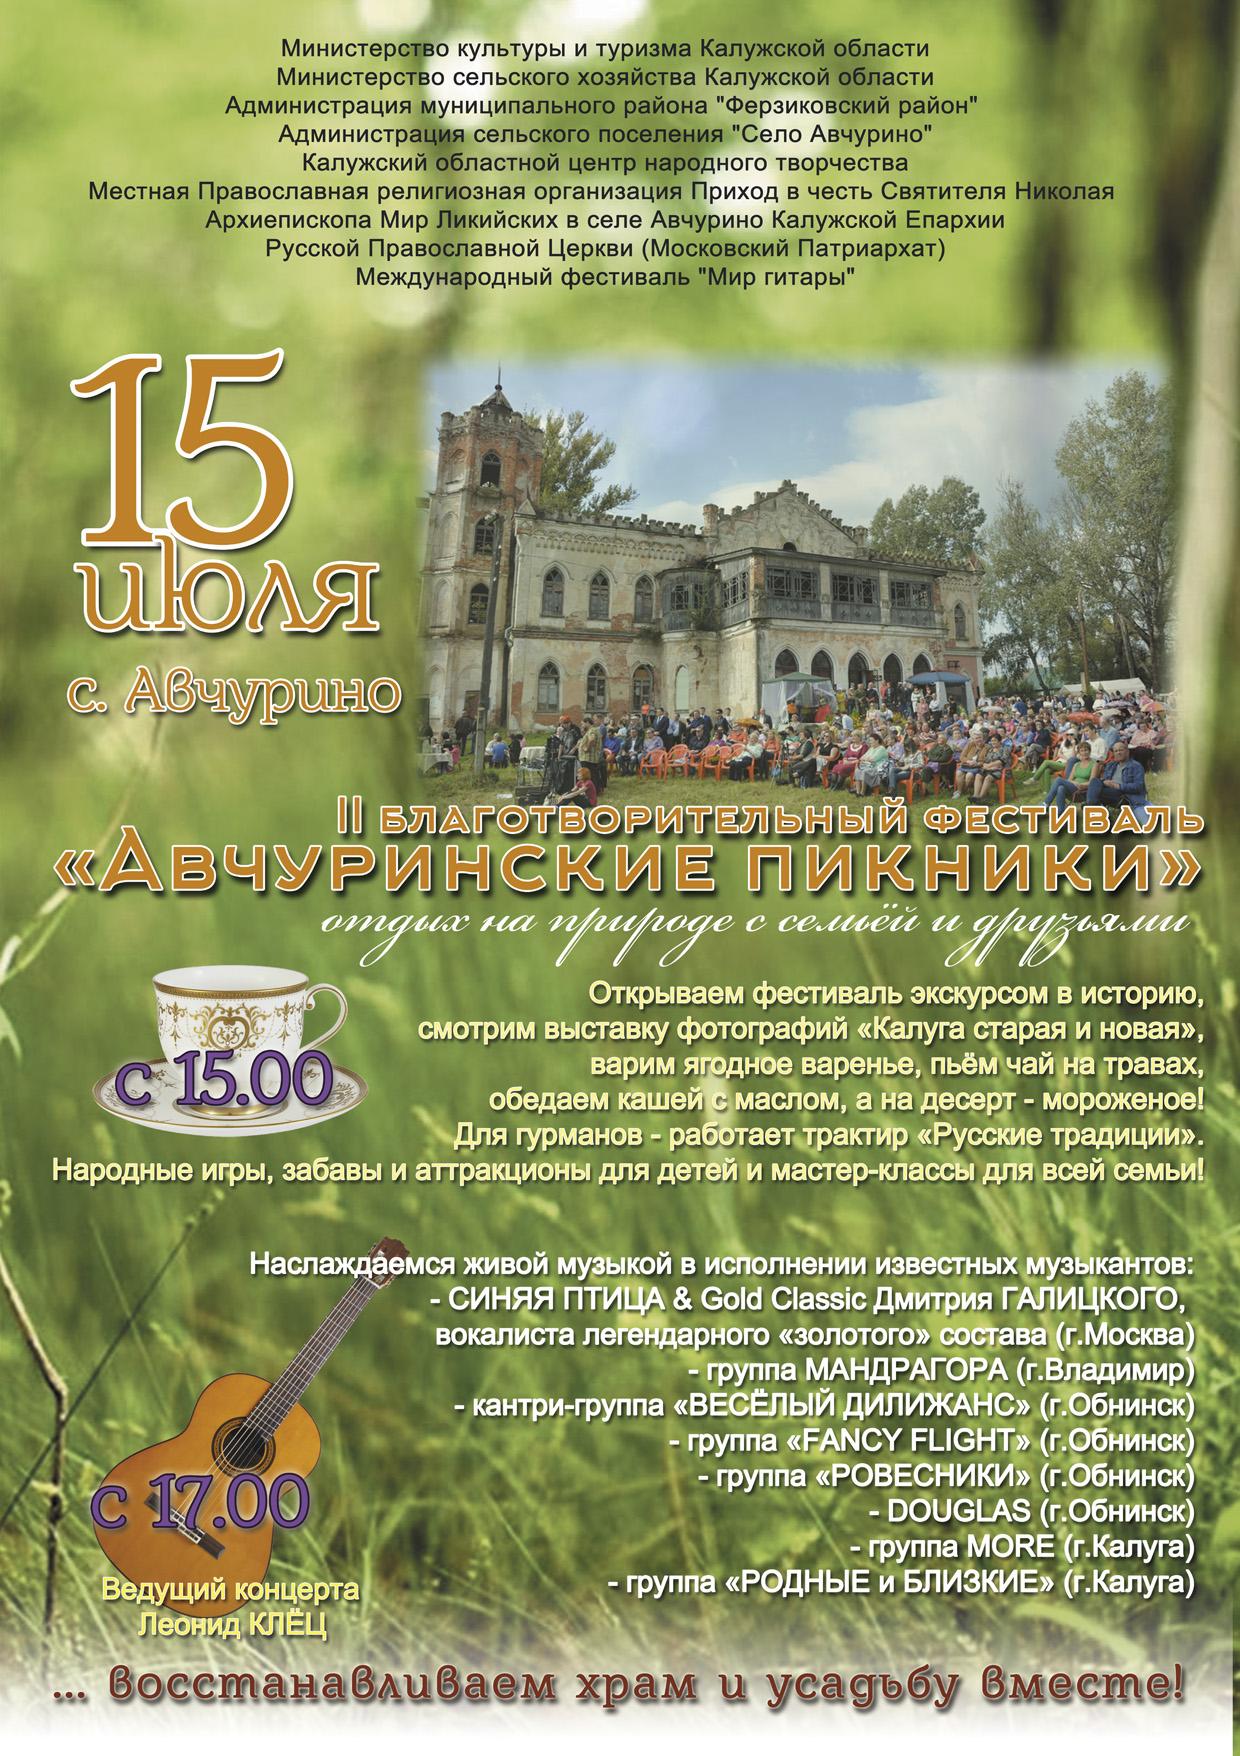 В Калужской области пройдет благотворительный фестиваль